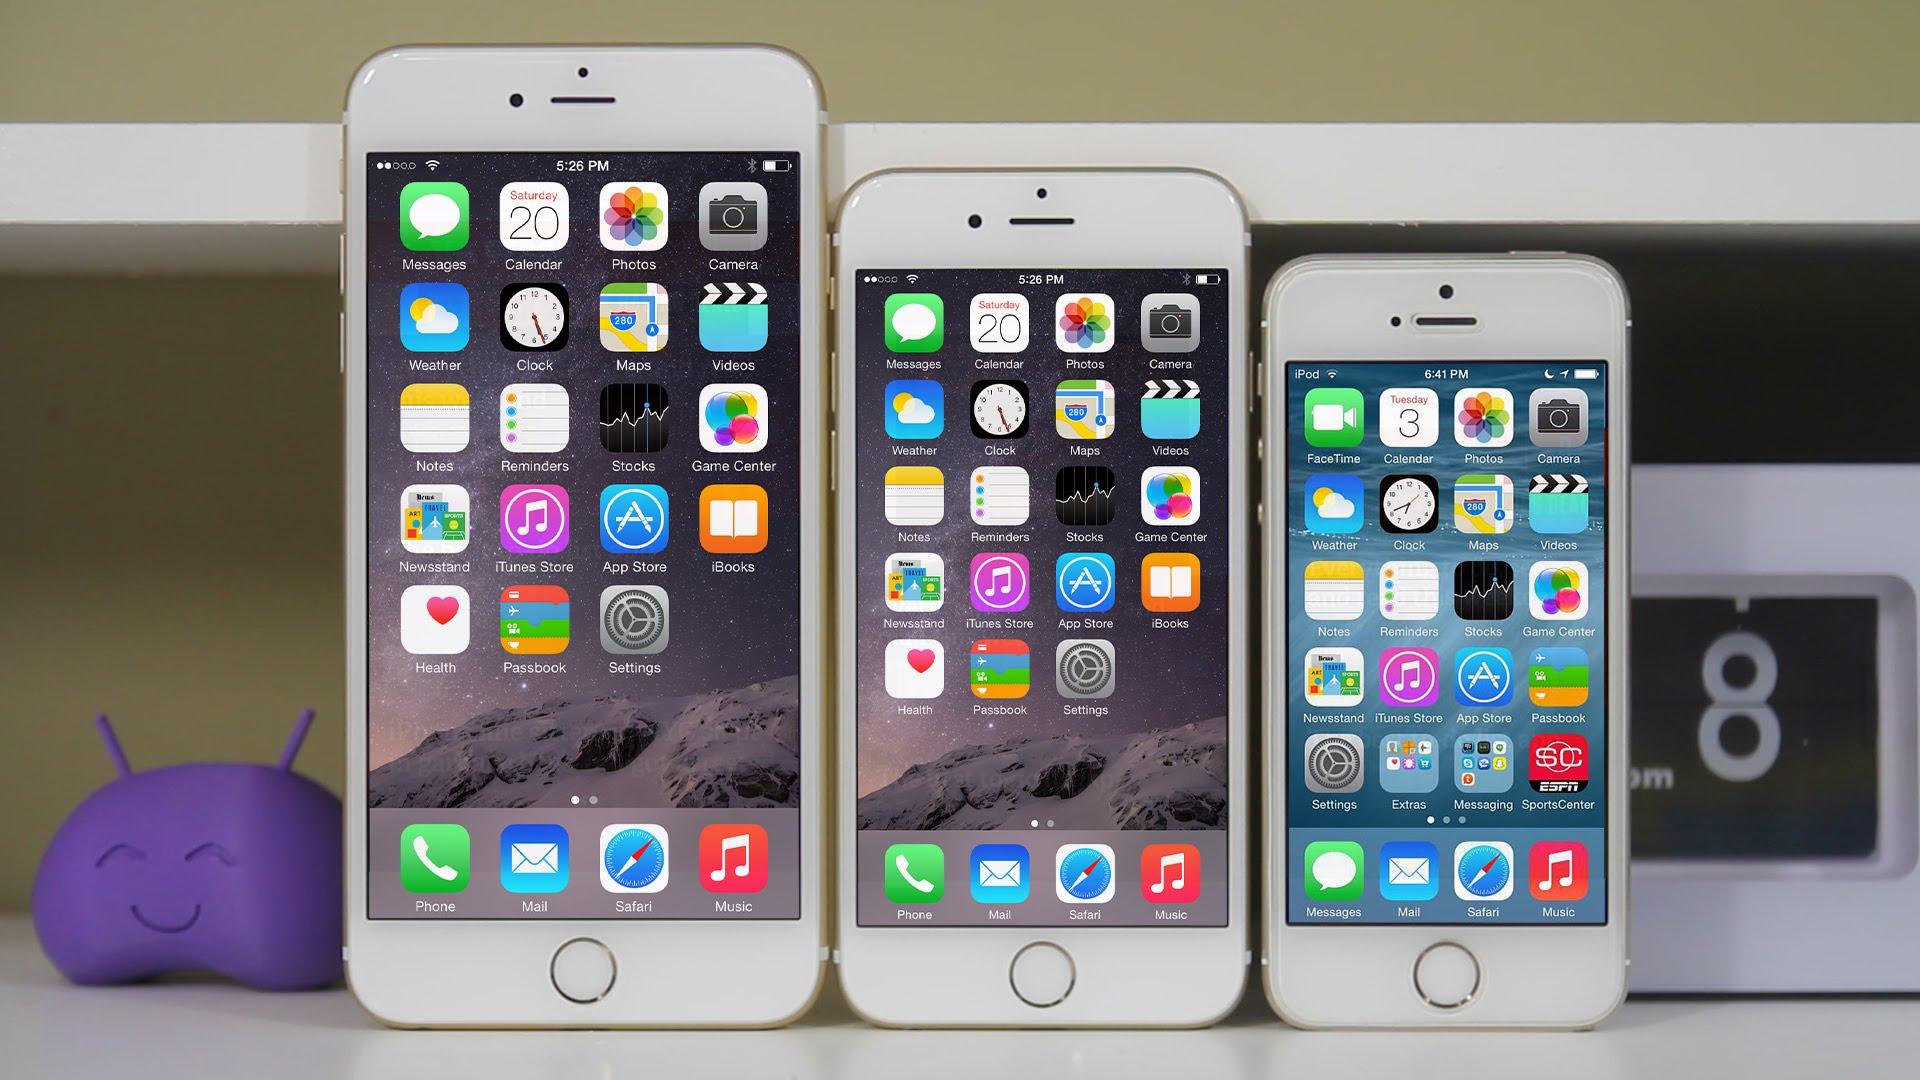 I modelli di iPhone più diffusi e popolari al mondo